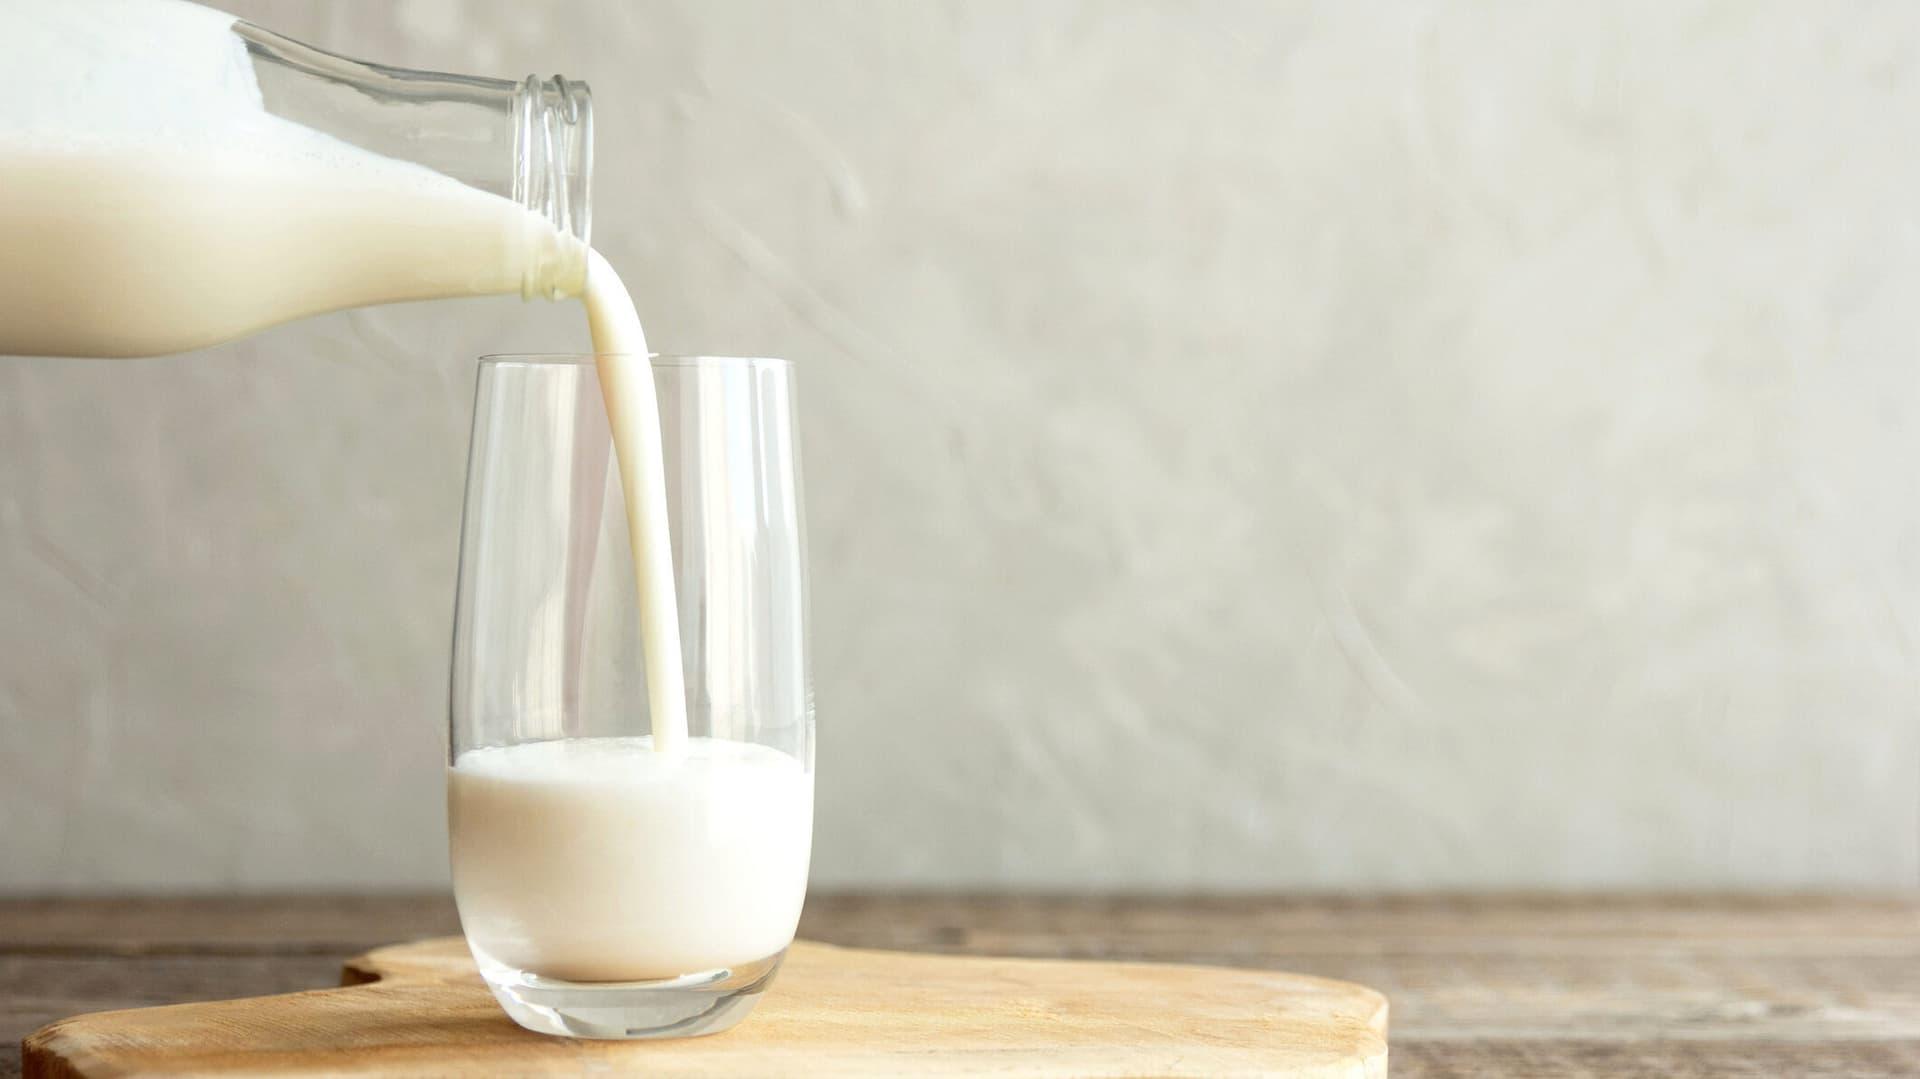 Milch wird in ein Glas gegossen.